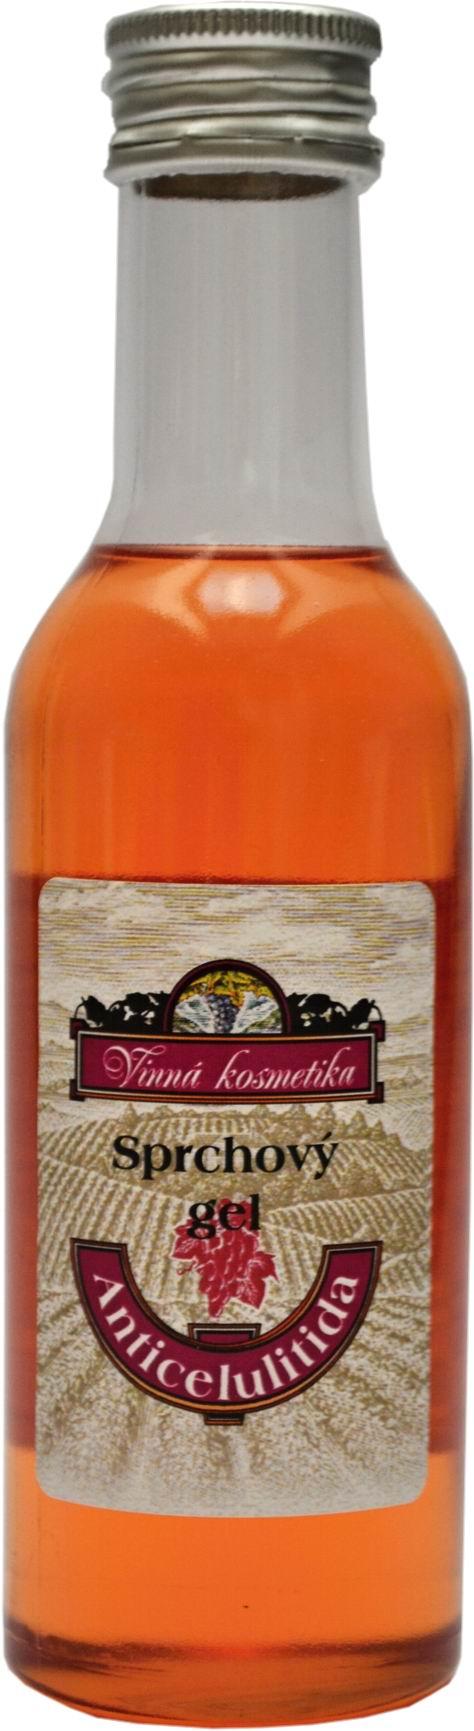 Sprchový gel s vínem 185ml